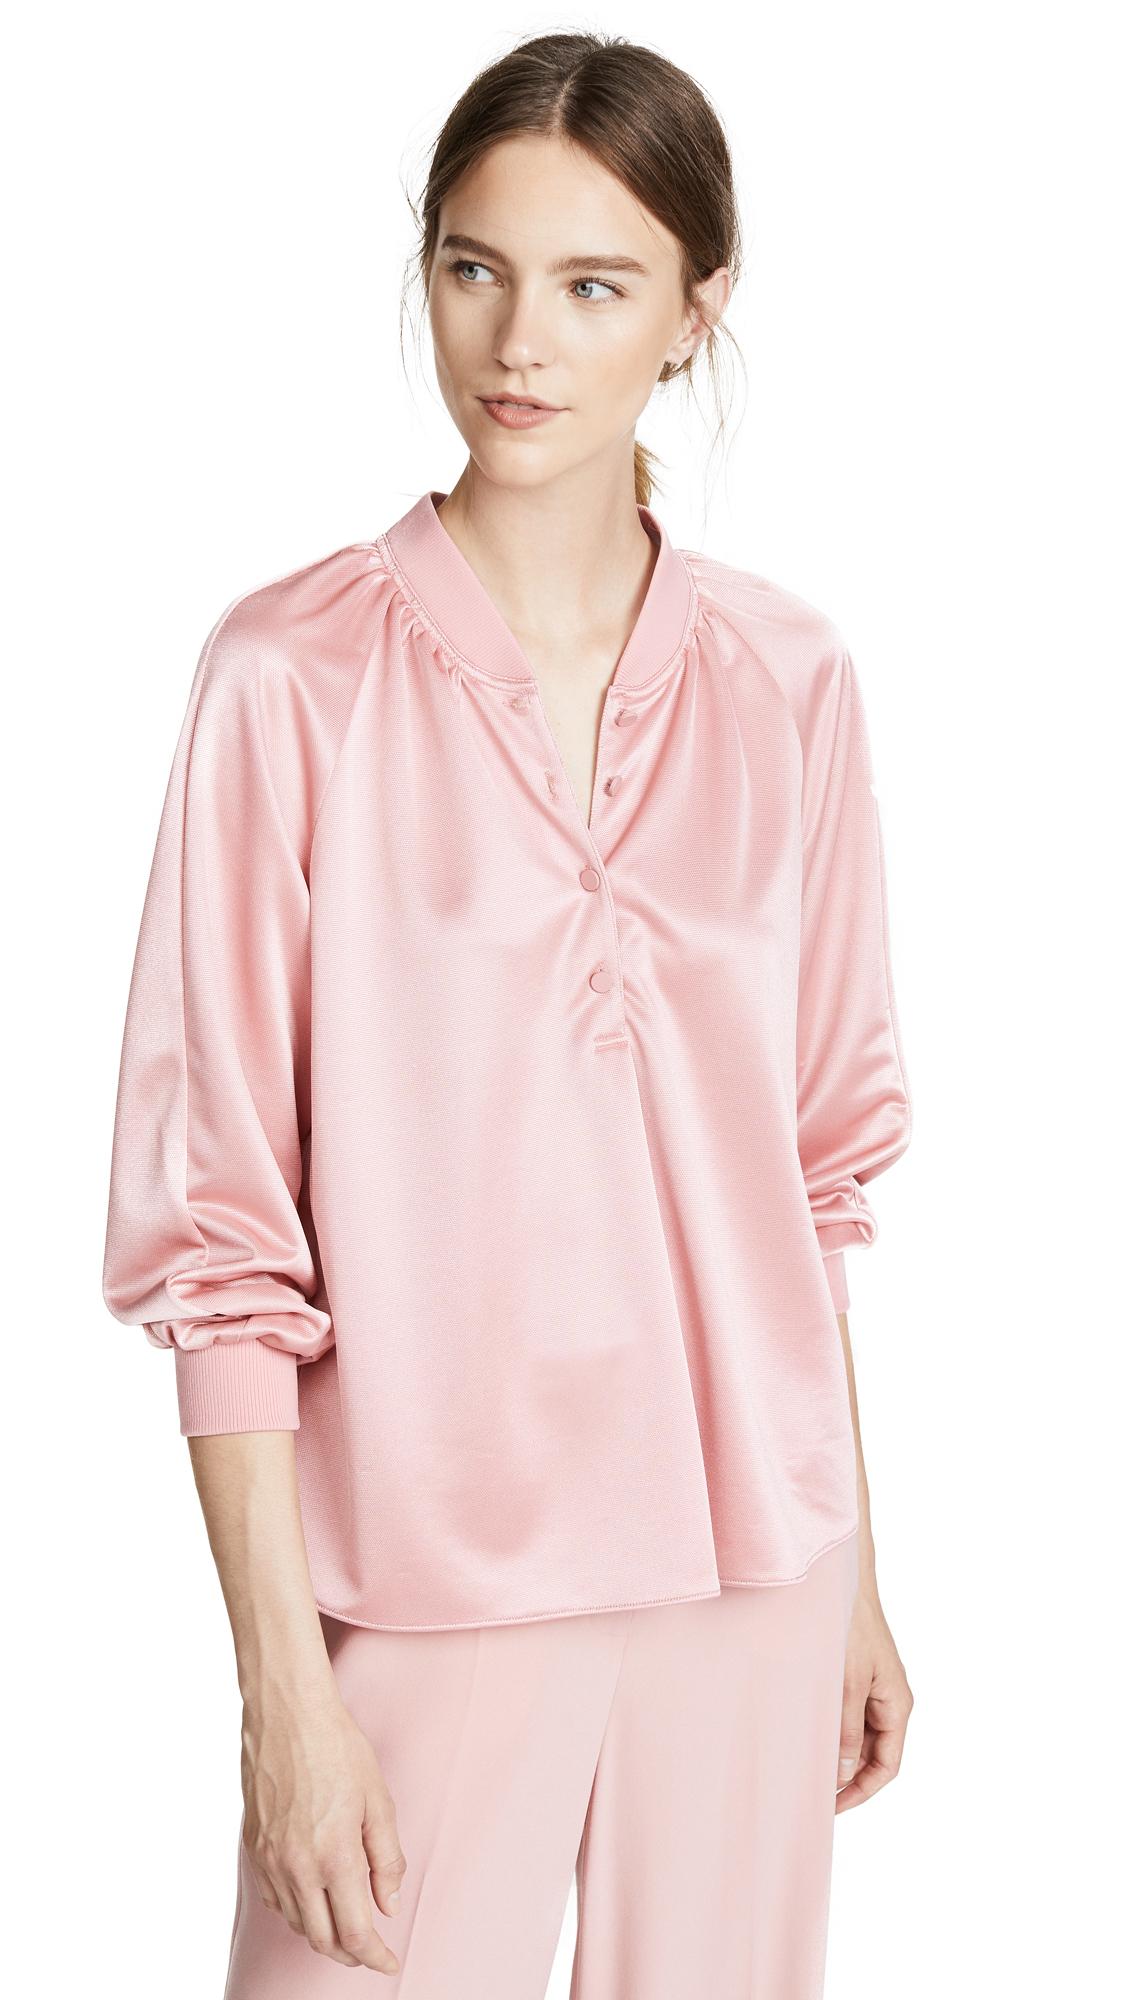 Tibi Raglan Pullover In Pink